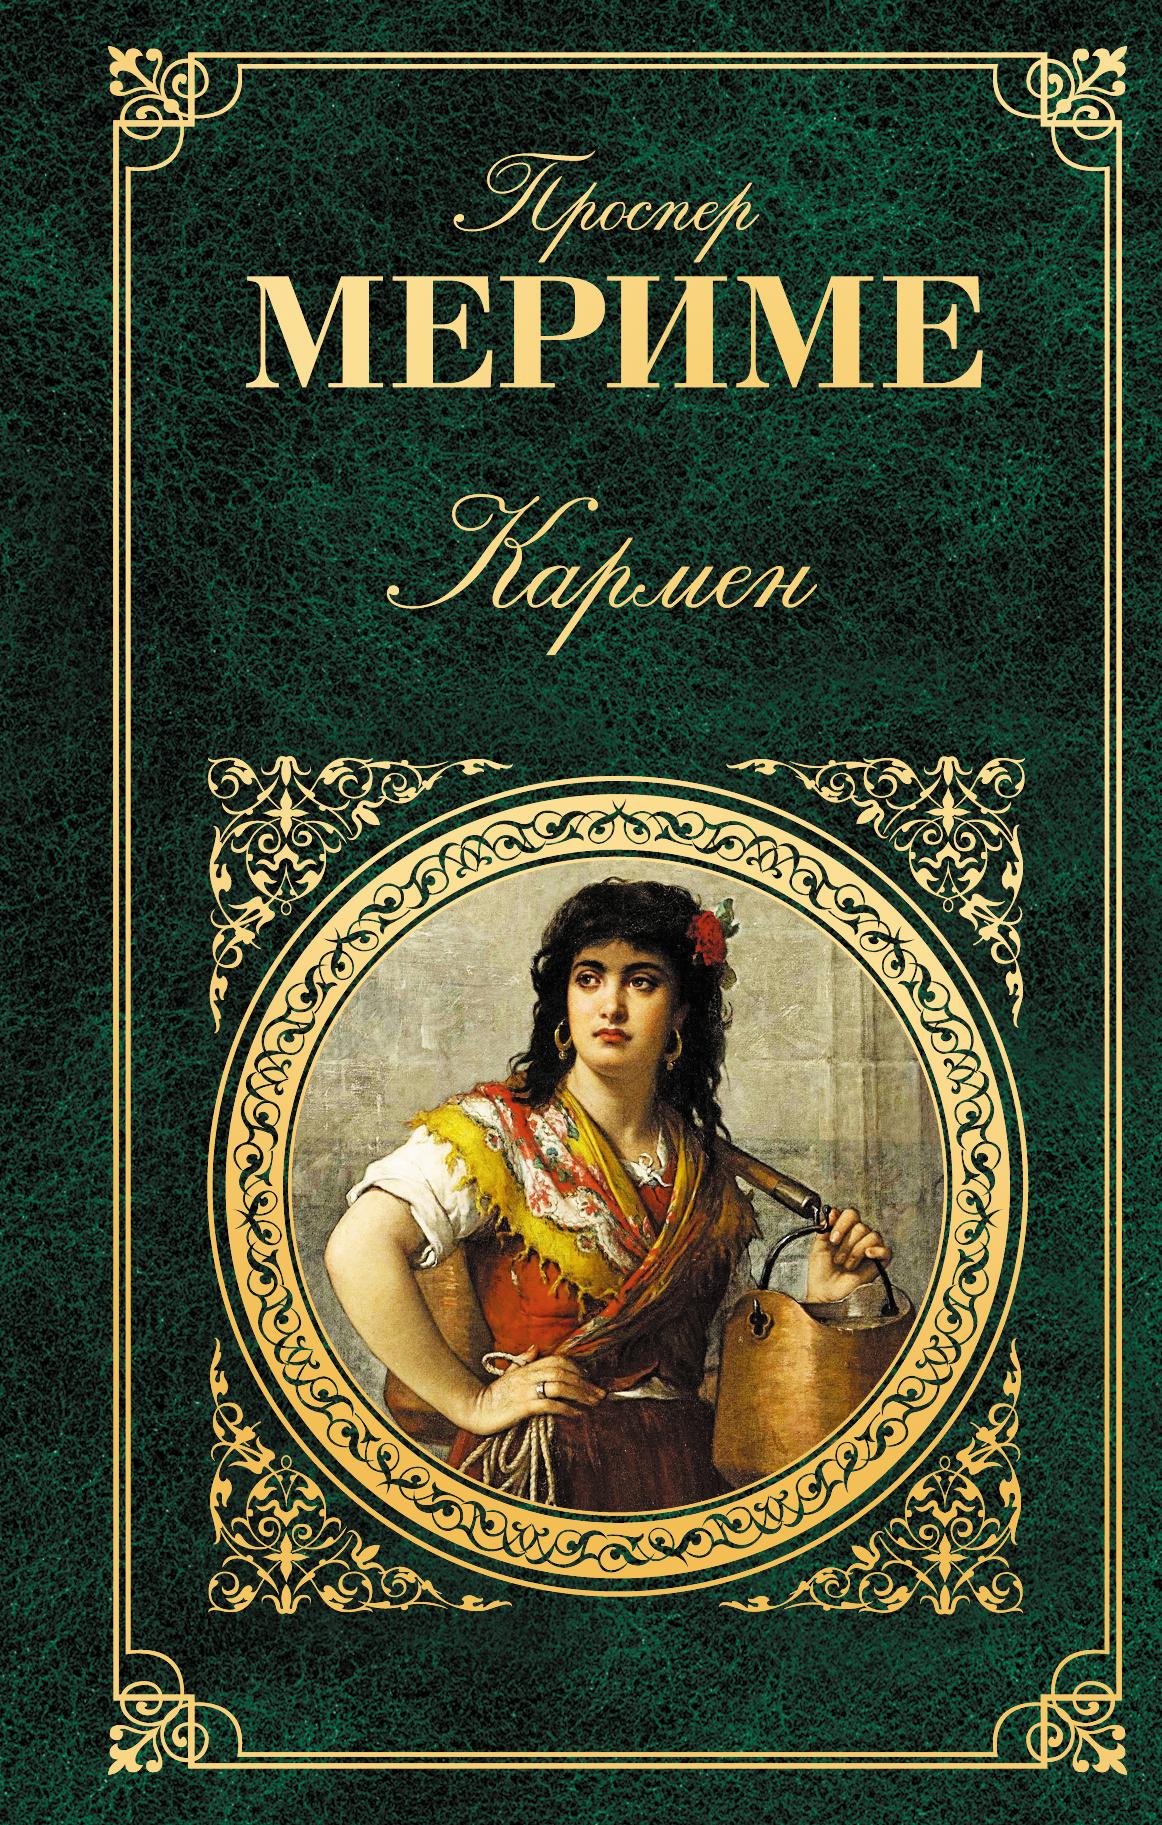 Кармен Проспера Мериме